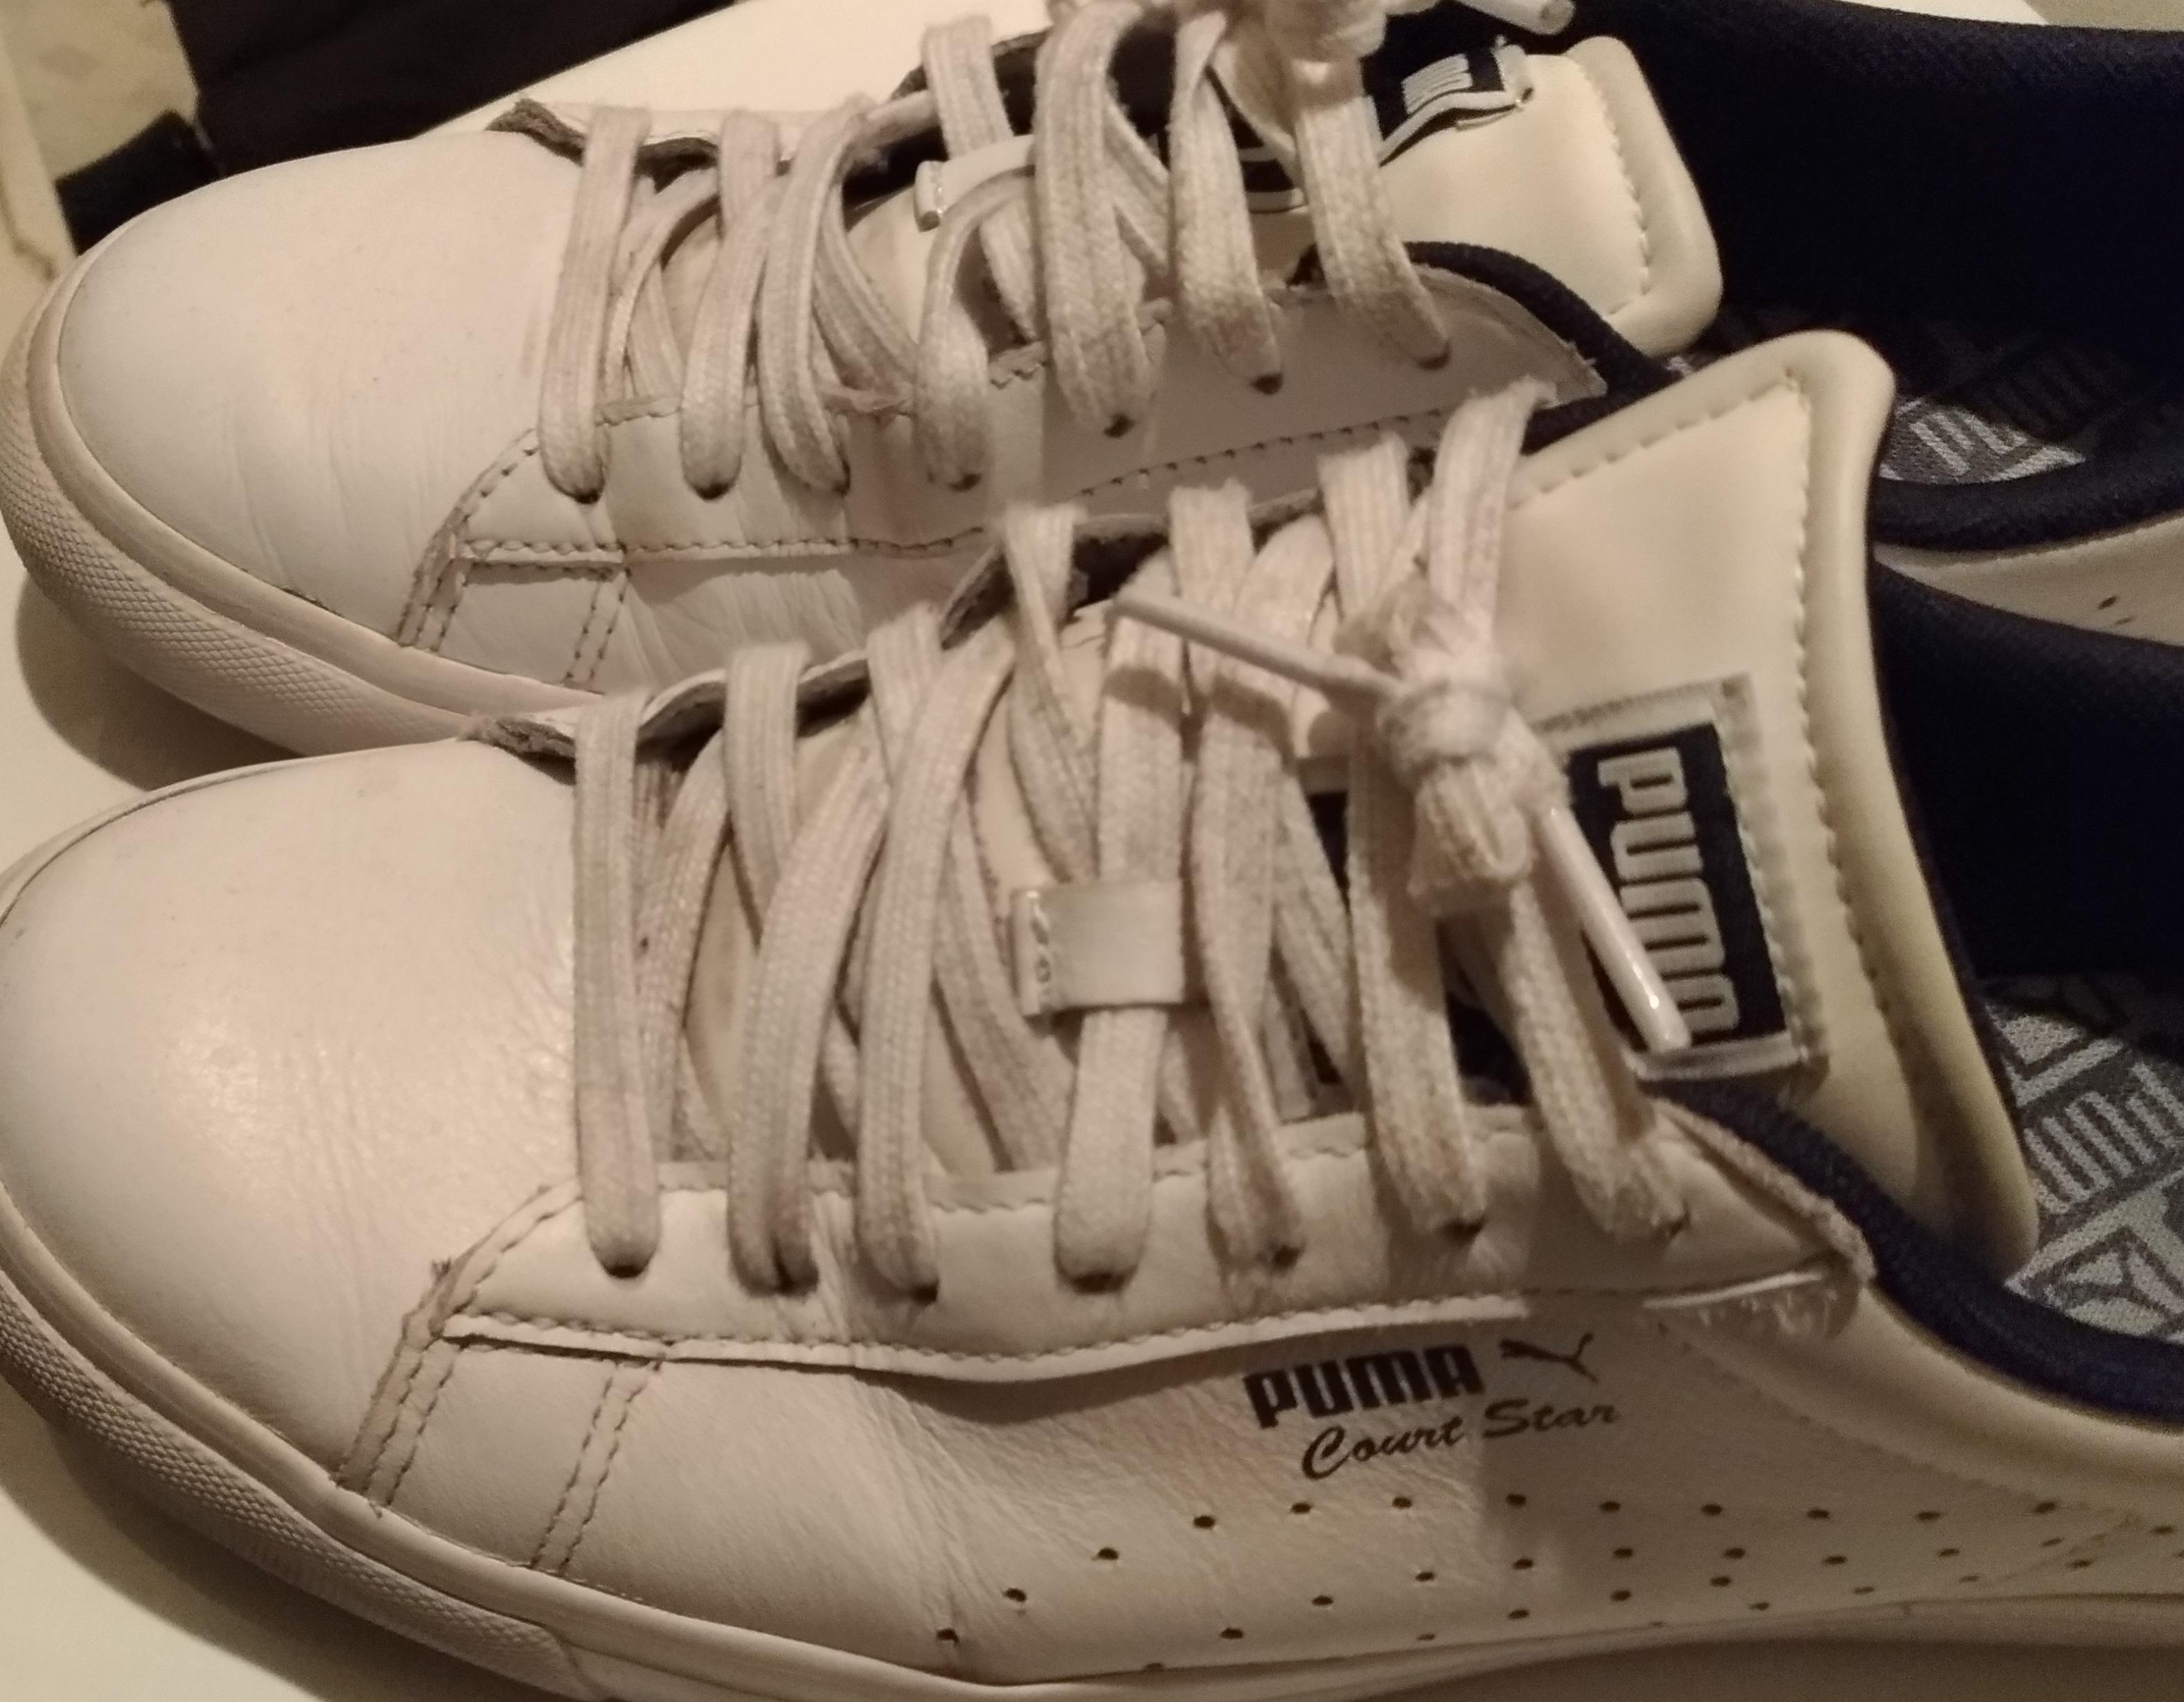 sneakers_clean_3.jpg